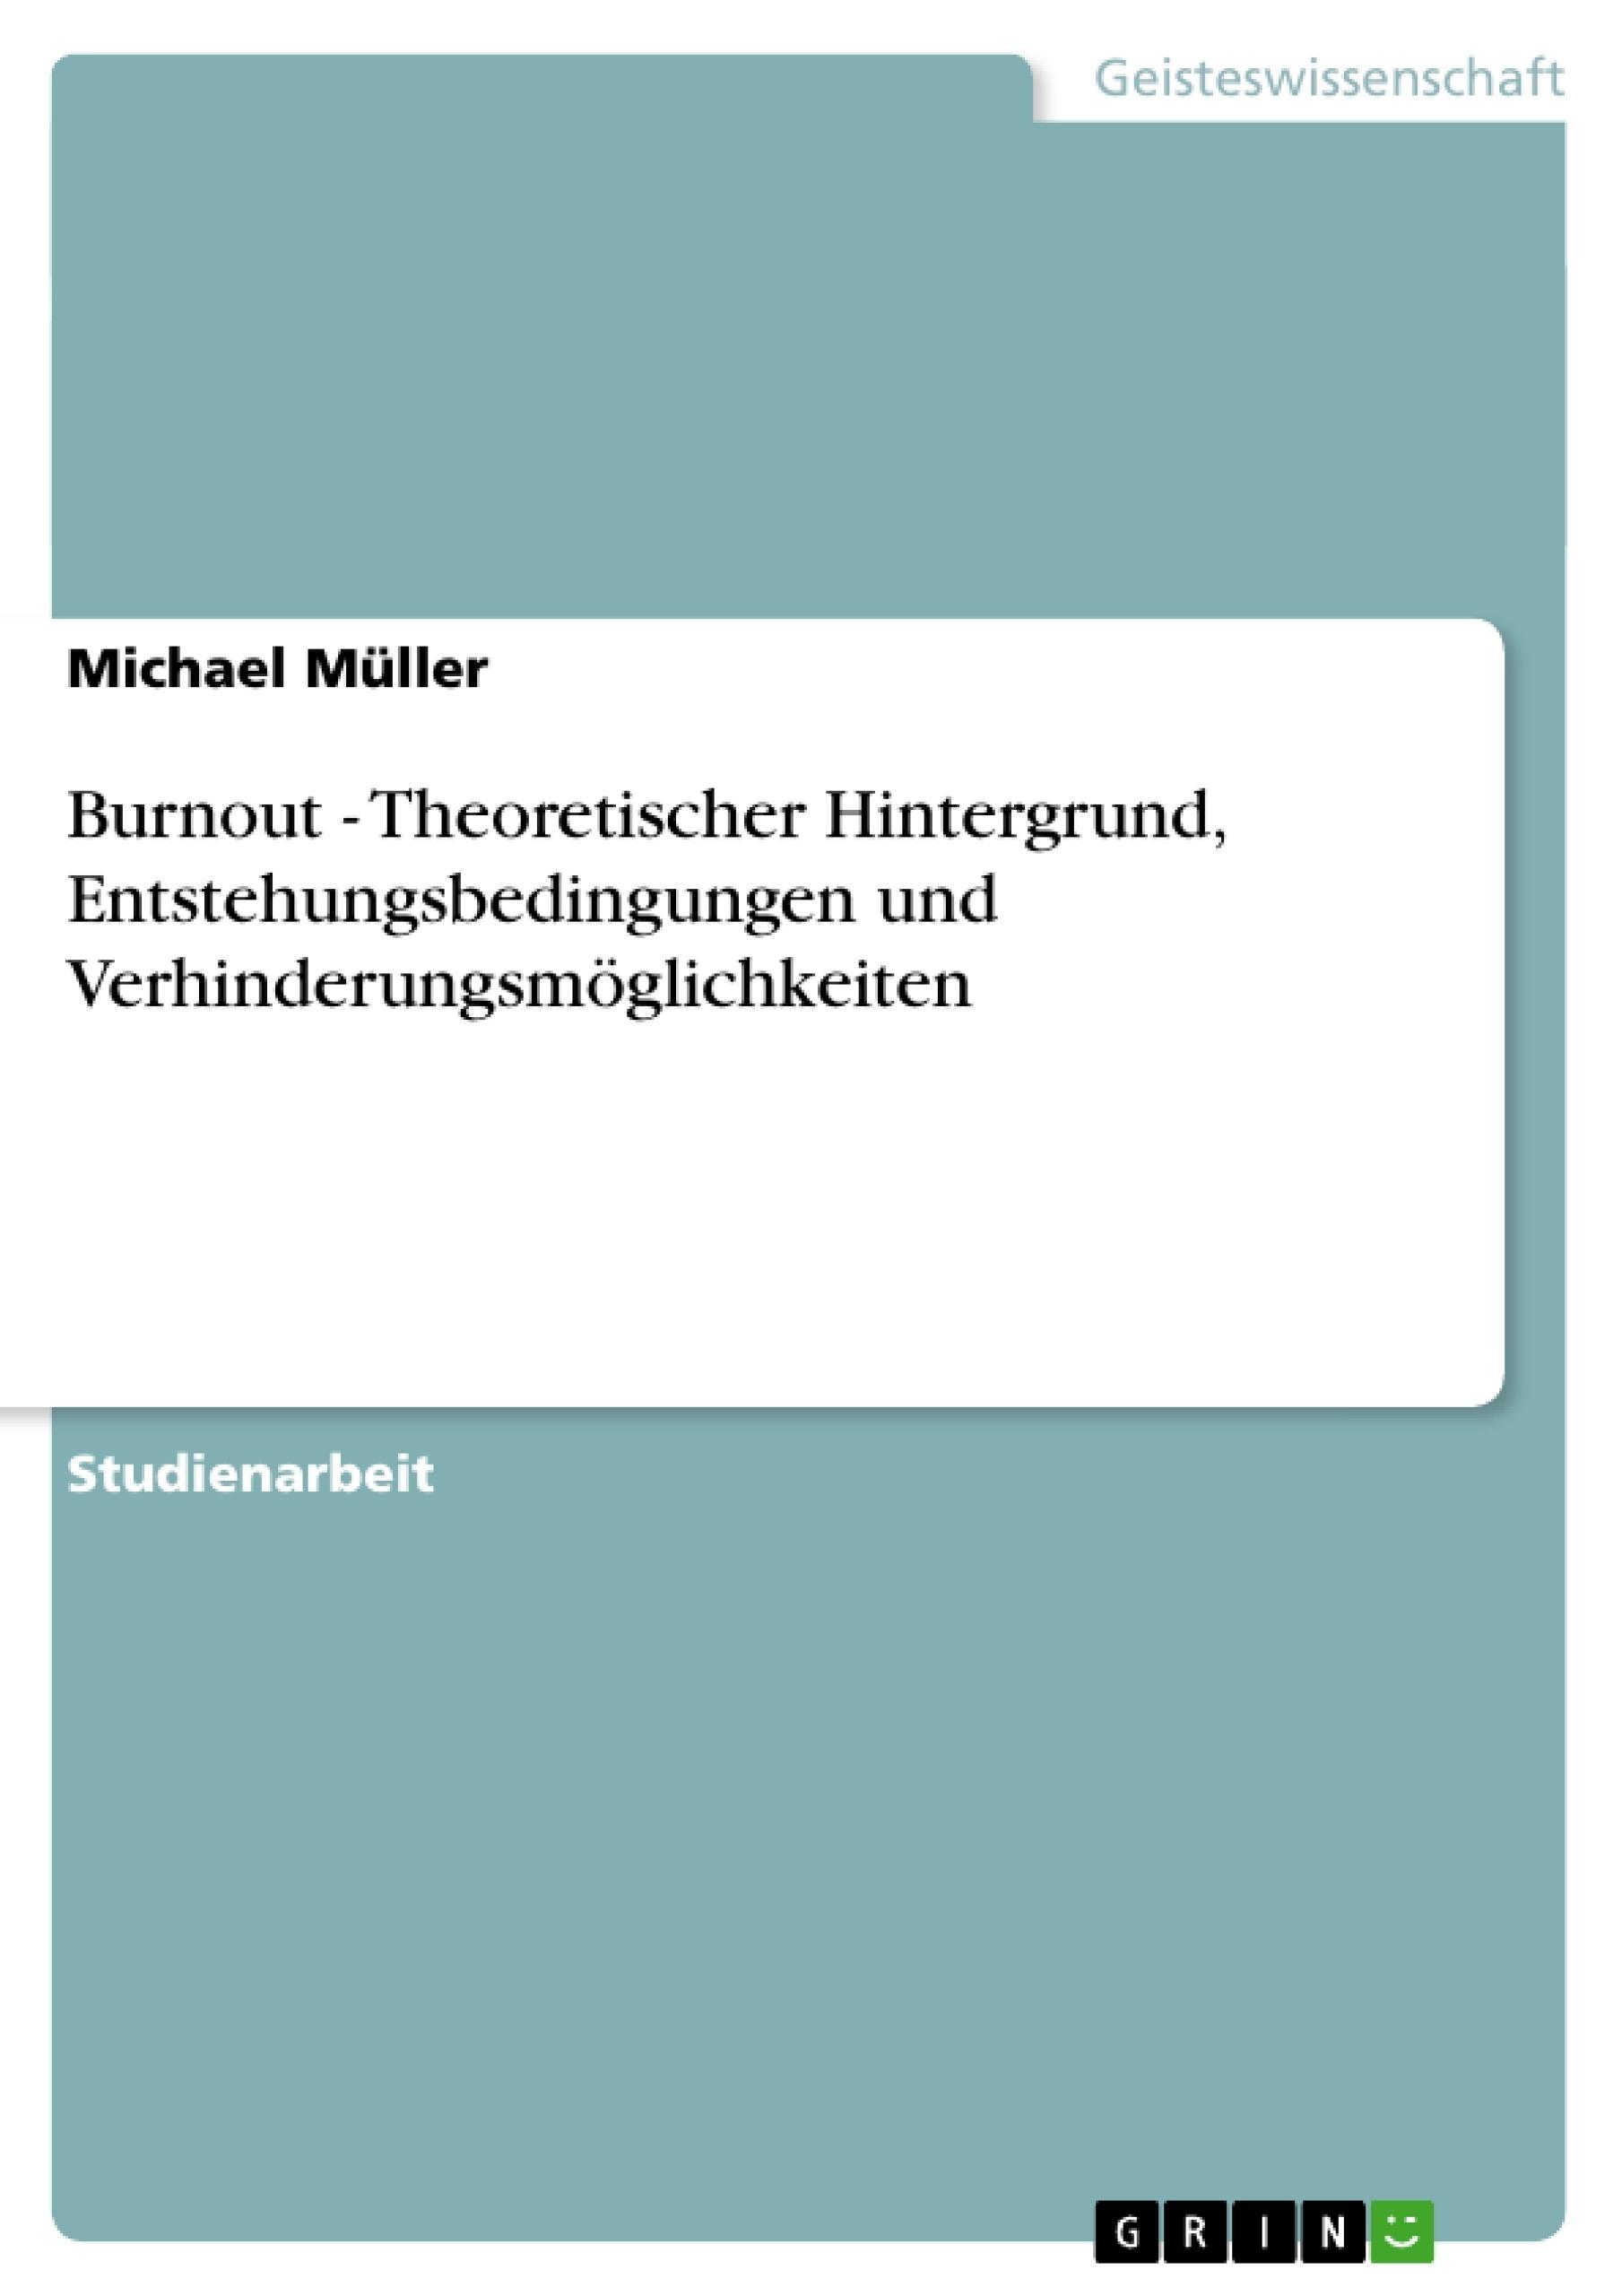 Titel: Burnout - Theoretischer Hintergrund, Entstehungsbedingungen und Verhinderungsmöglichkeiten